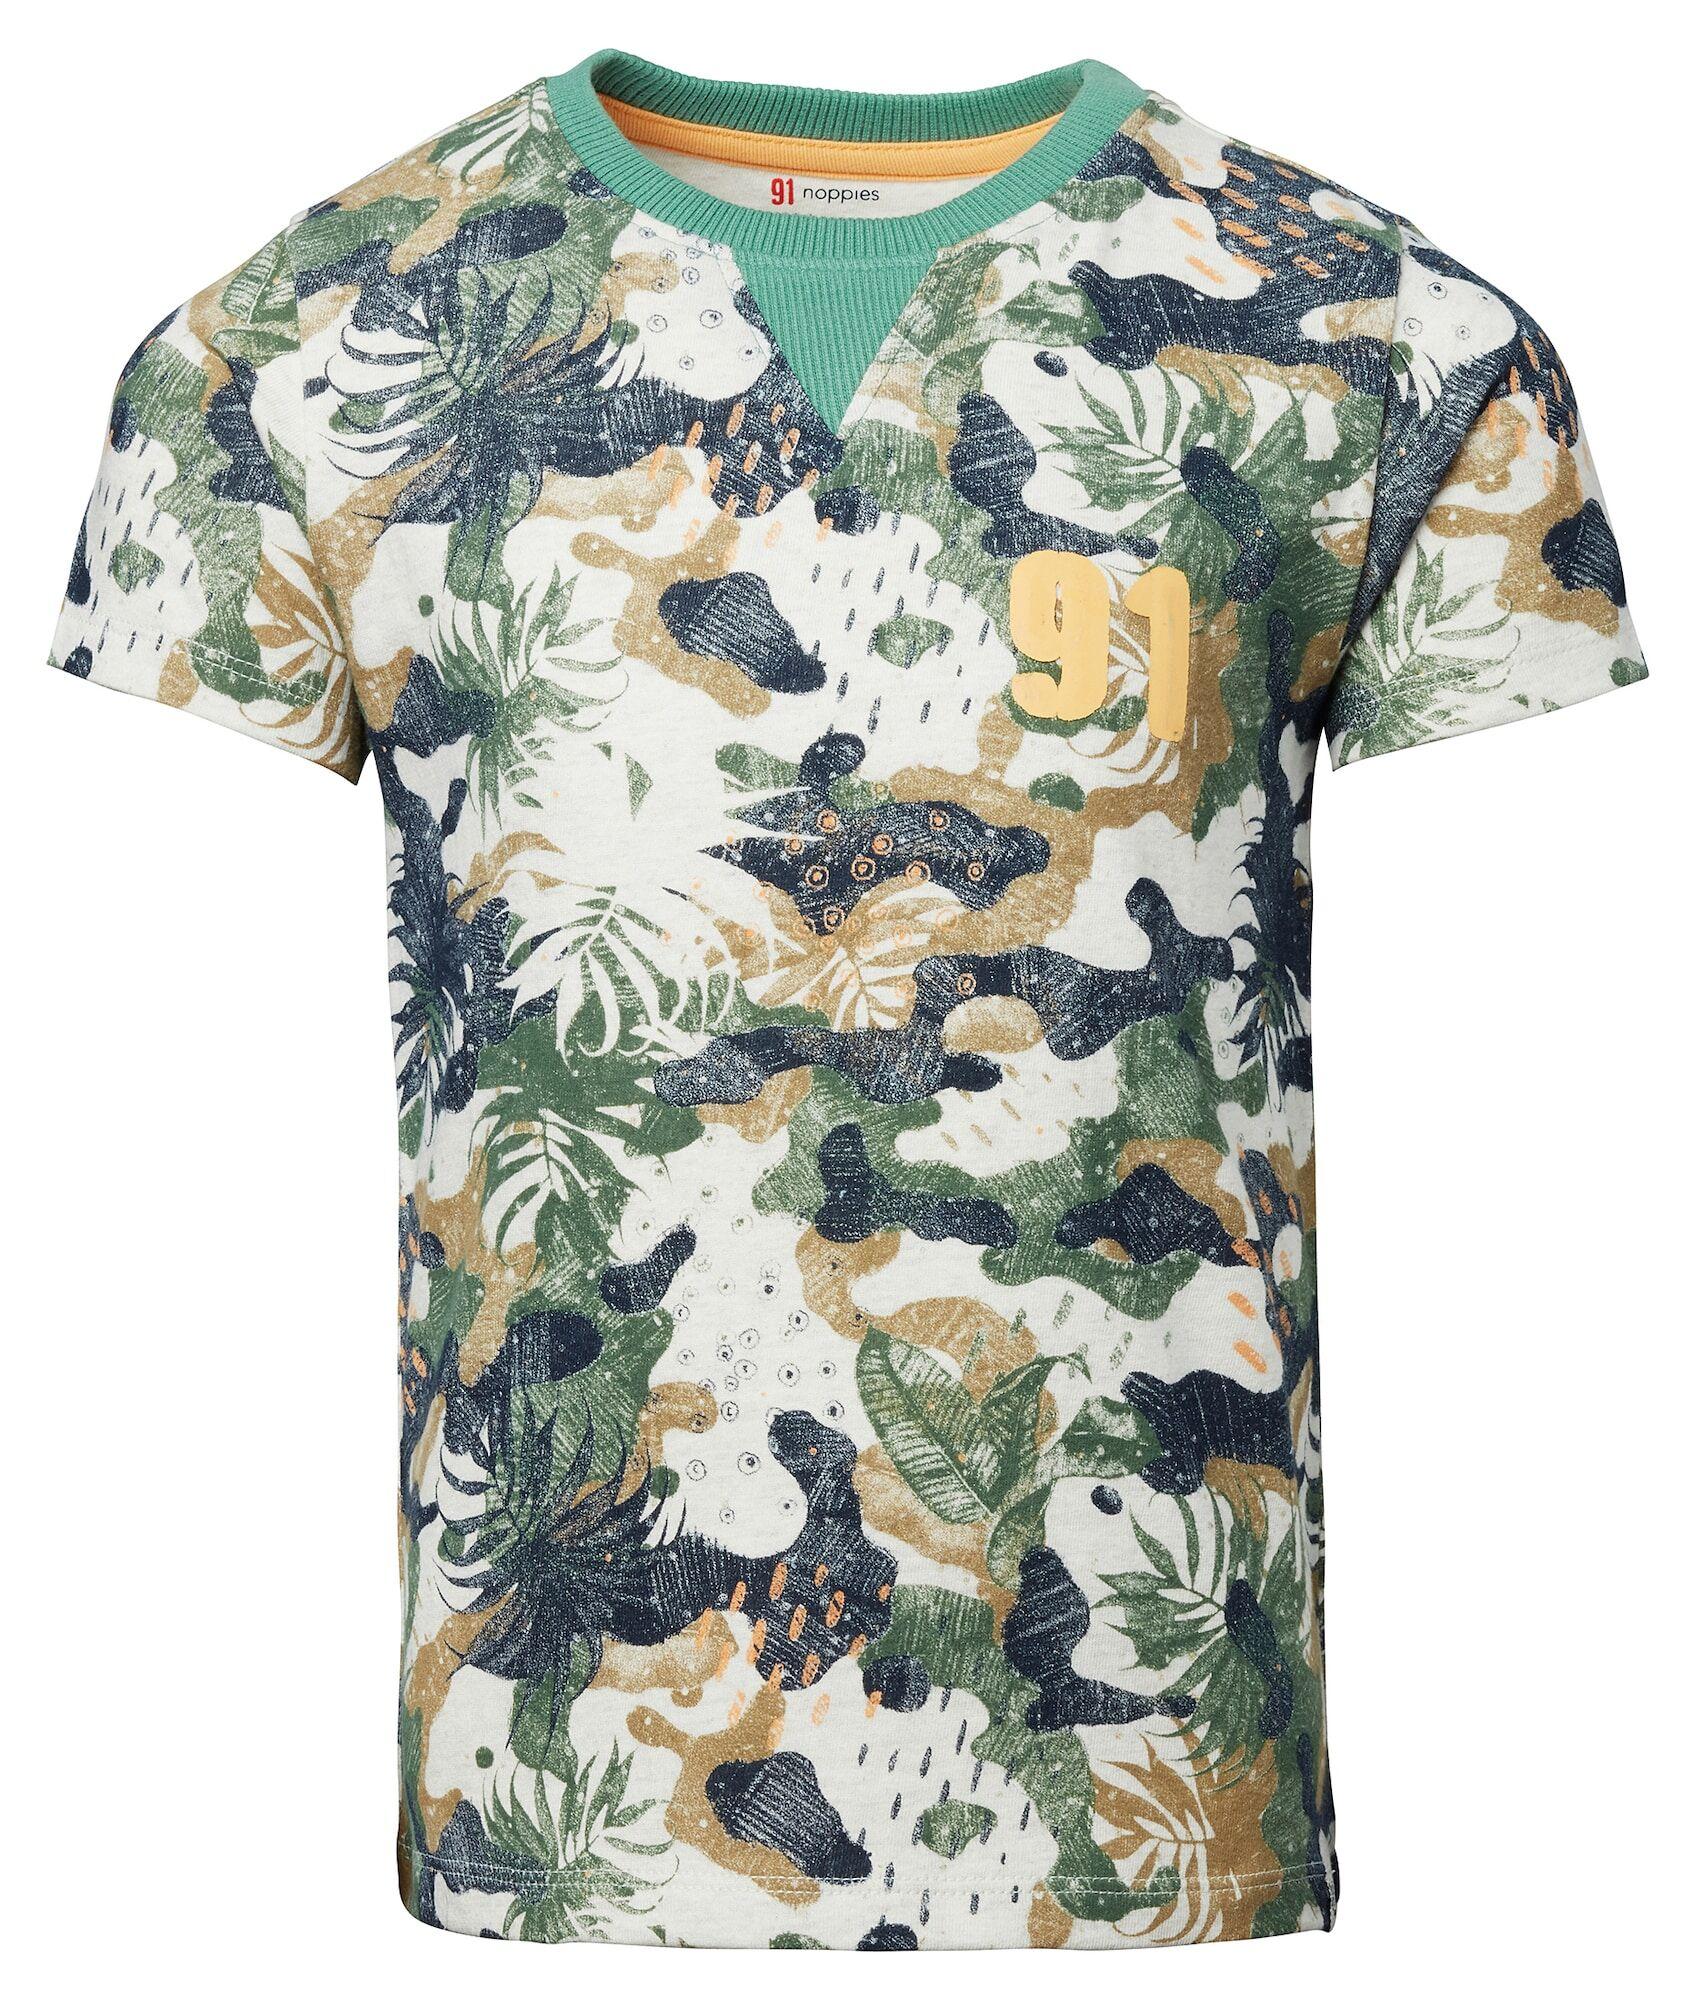 Noppies T-Shirt 'Legume'  - MéLange De Couleurs - Taille: 110 - boy